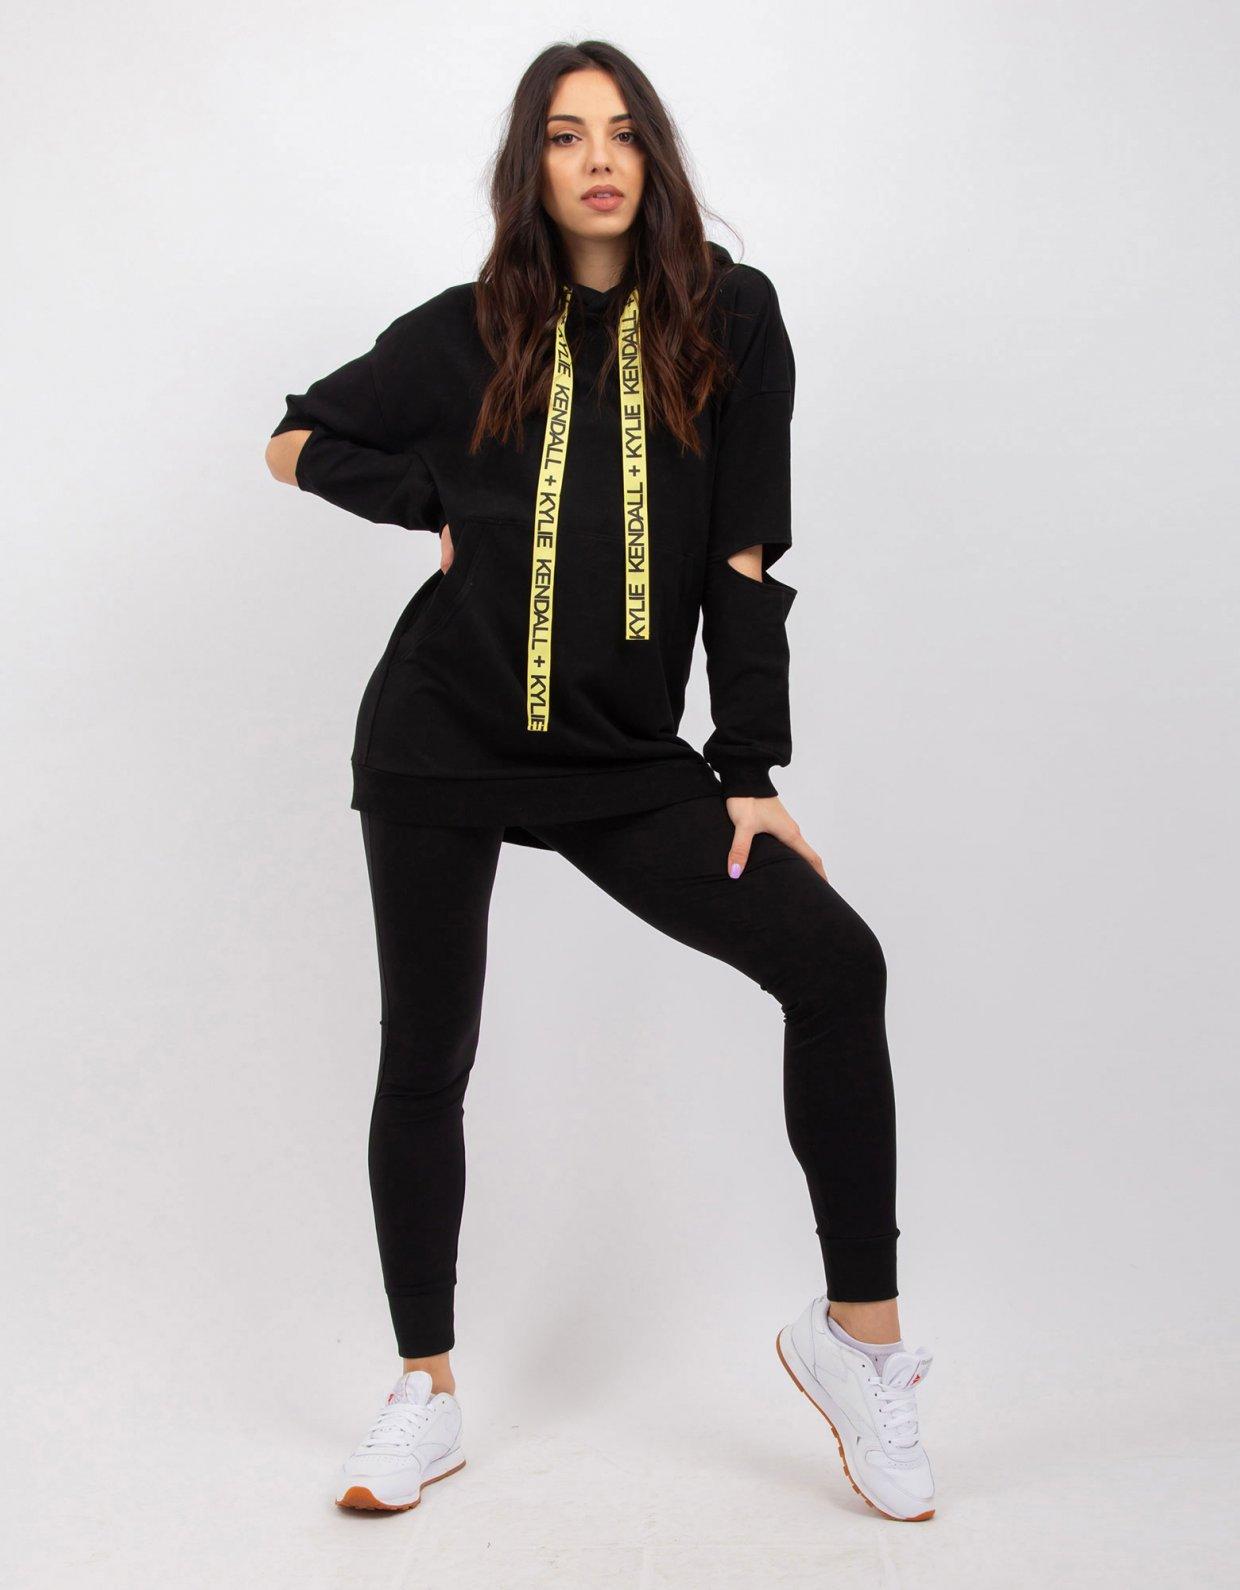 Kendall + Kylie Black sweatshirt